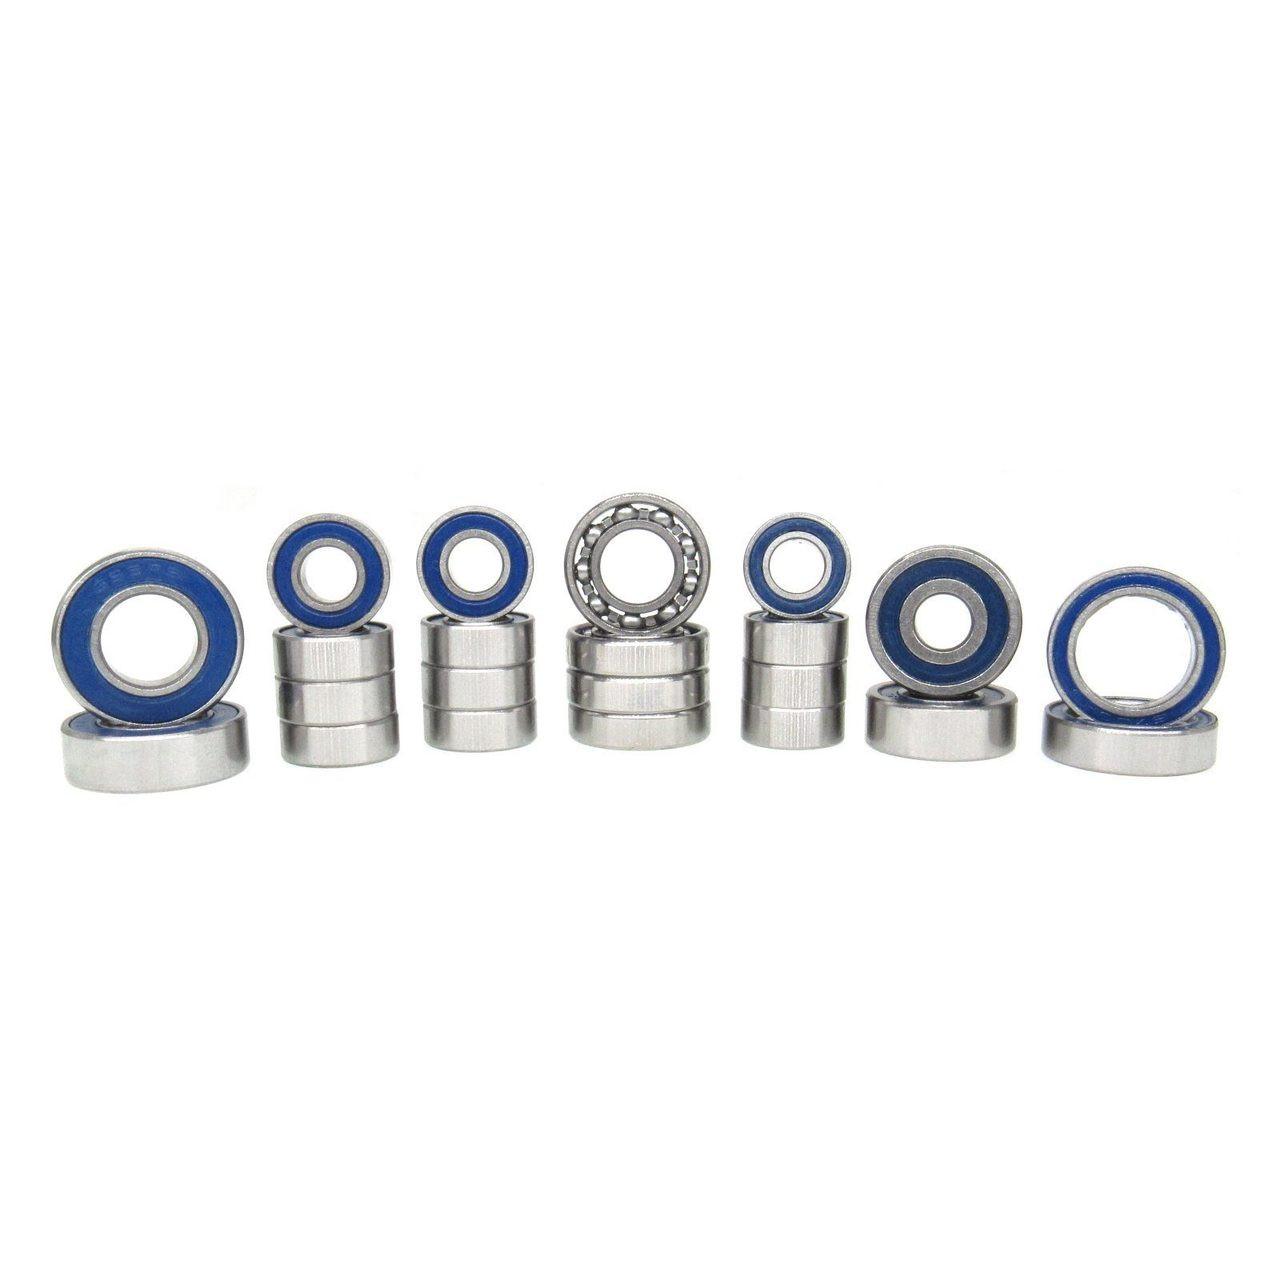 TRB RC Ball Bearing V2 Kit (22) Blue Axial SCX10 II